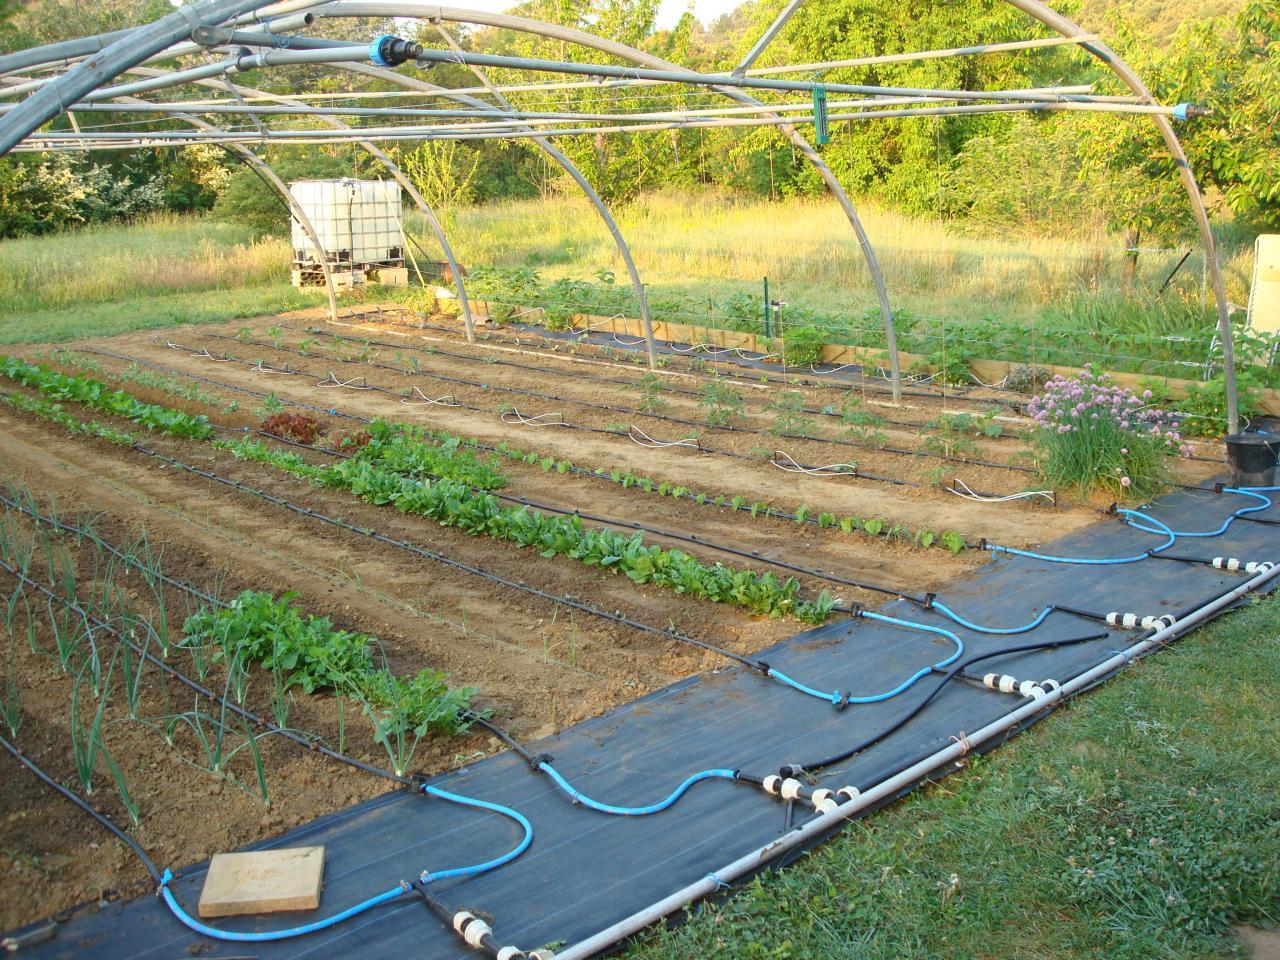 Mod le d 39 intallation d 39 arrosage for Arrosage du jardin